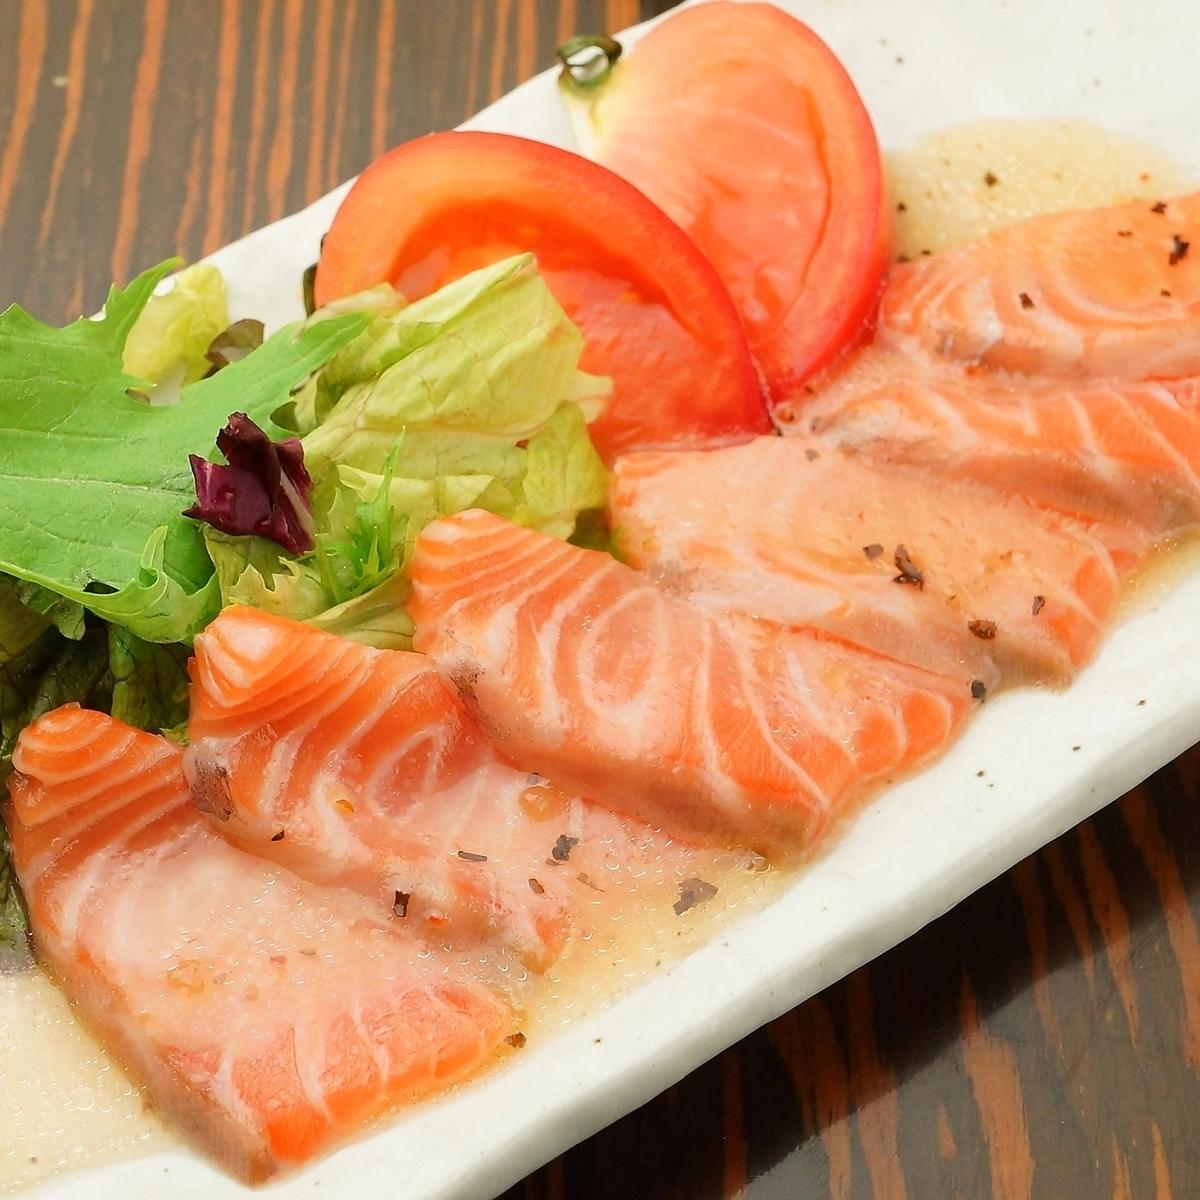 Toro salmon carpaccio